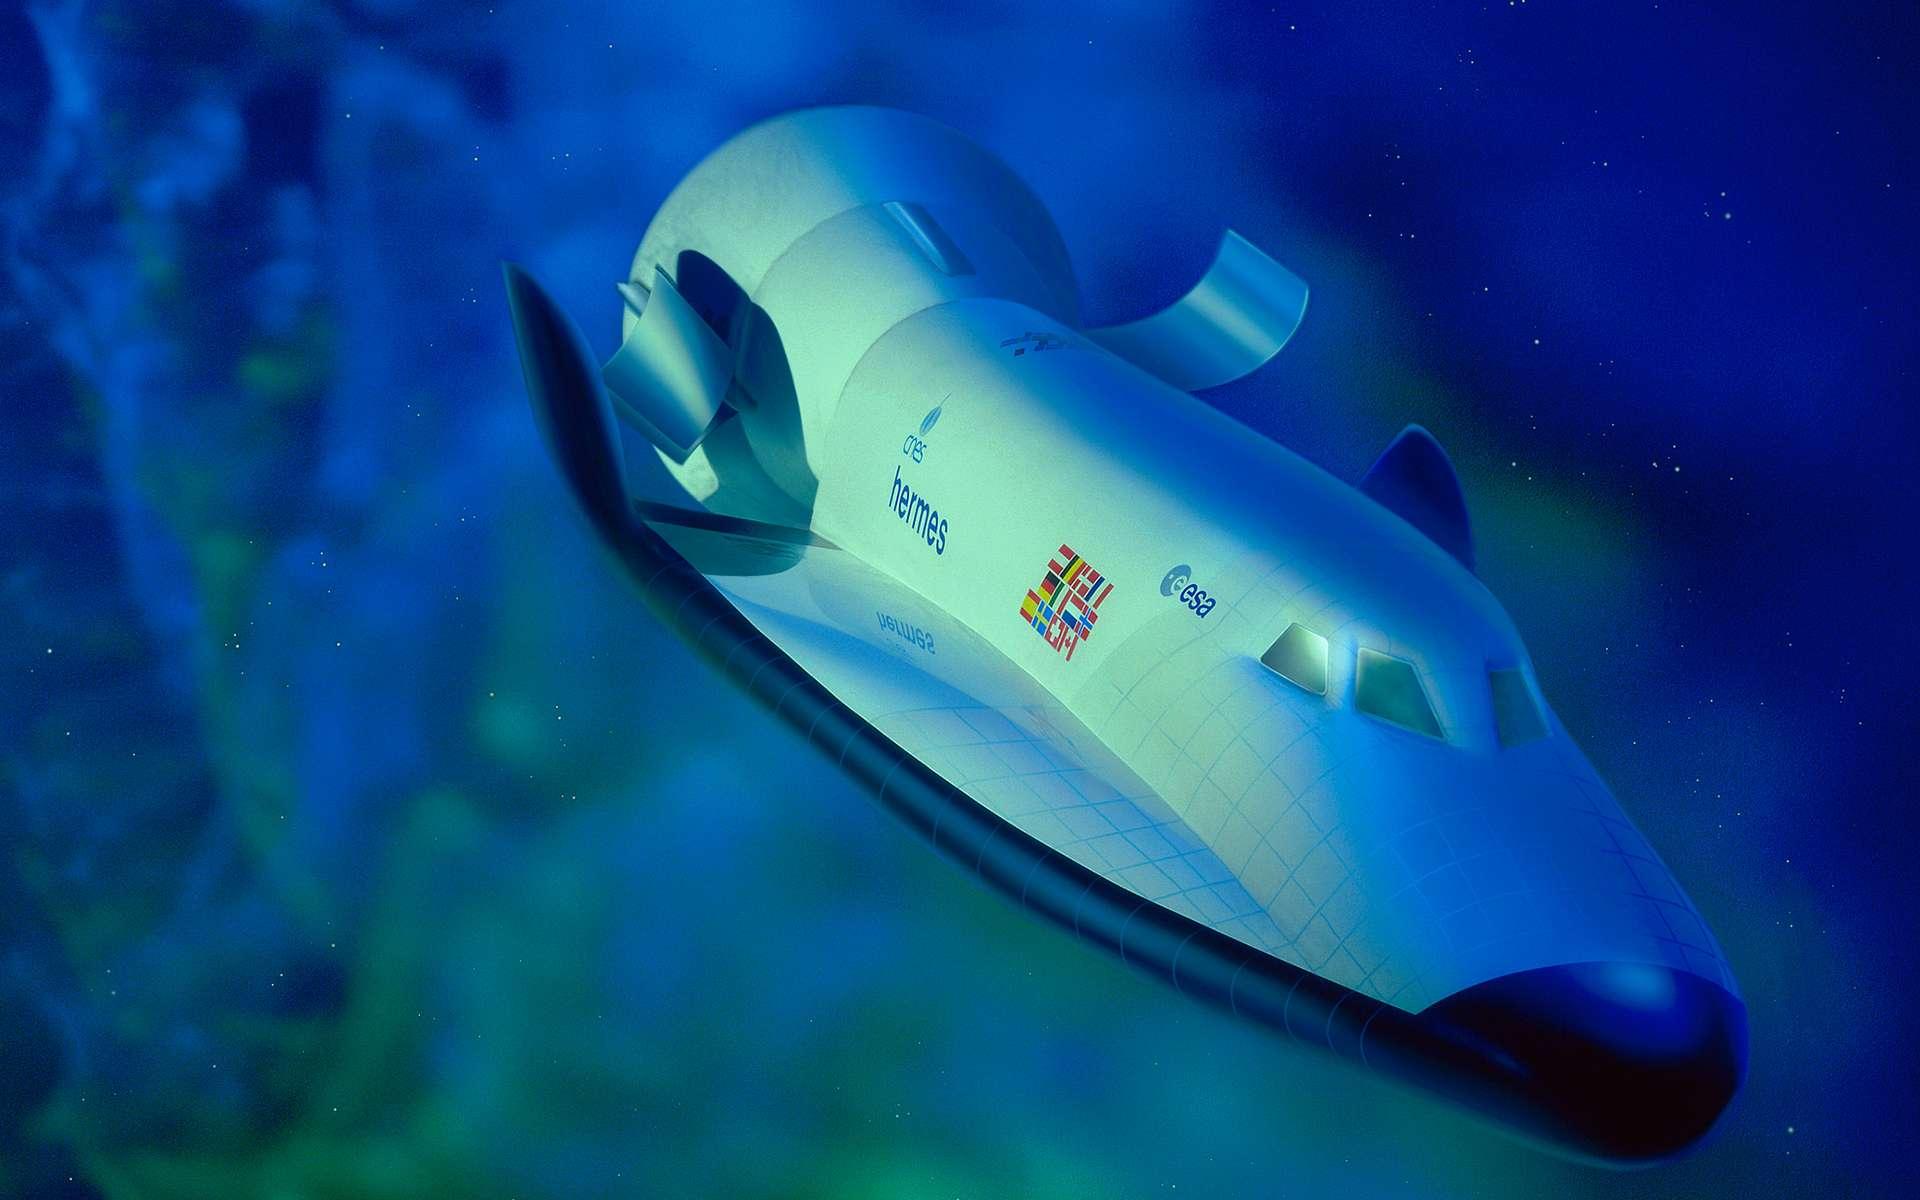 Projet de navette spatiale européenne (Hermès) abandonné huit ans après son démarrage (1984-1992) pour des raisons techniques et financières. © ESA, D. Ducros